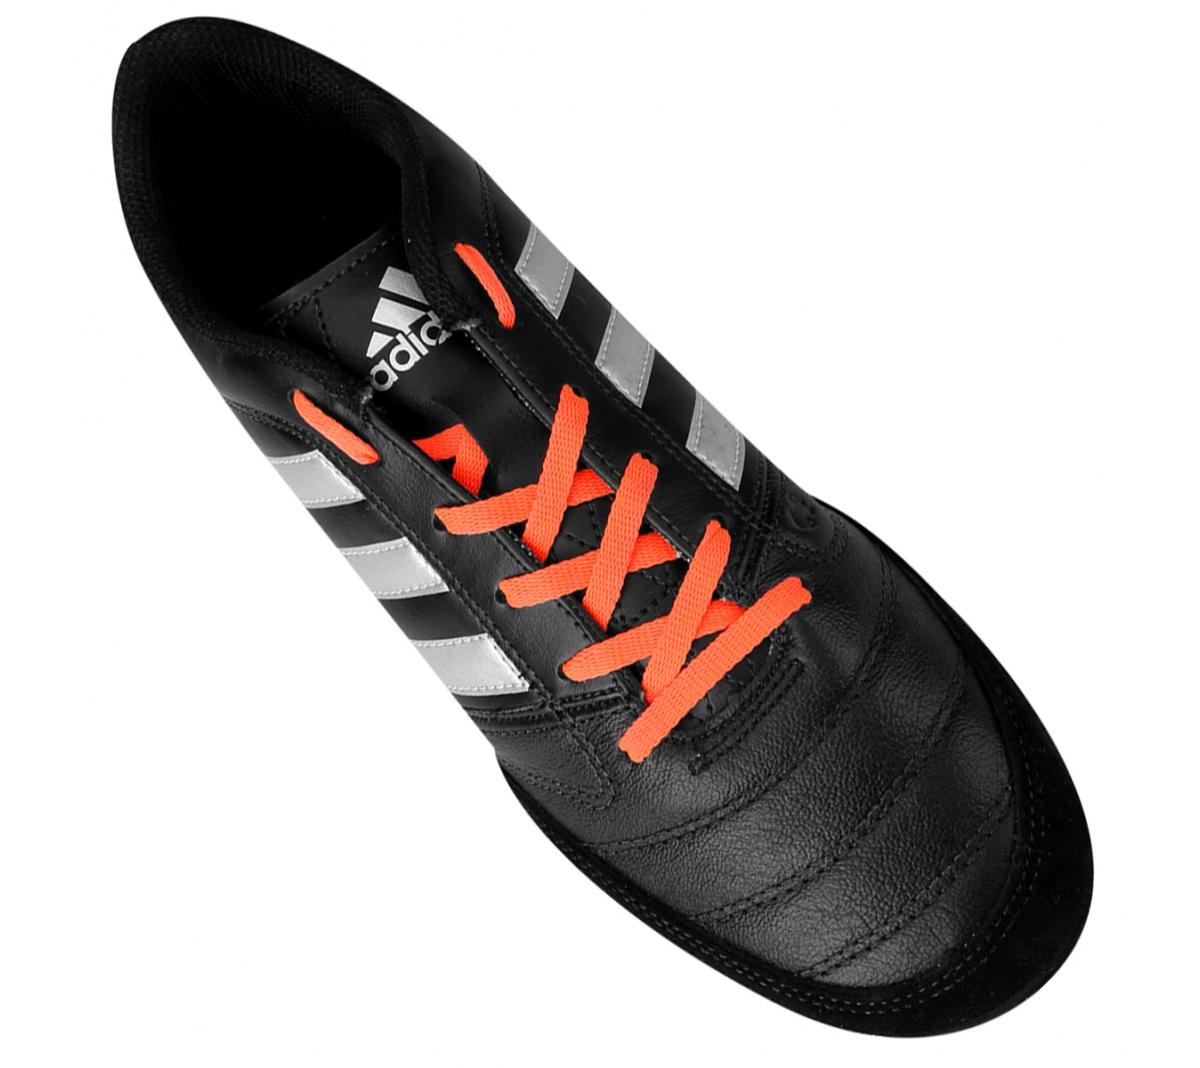 Chuteira Adidas Gloro 16.2 TF